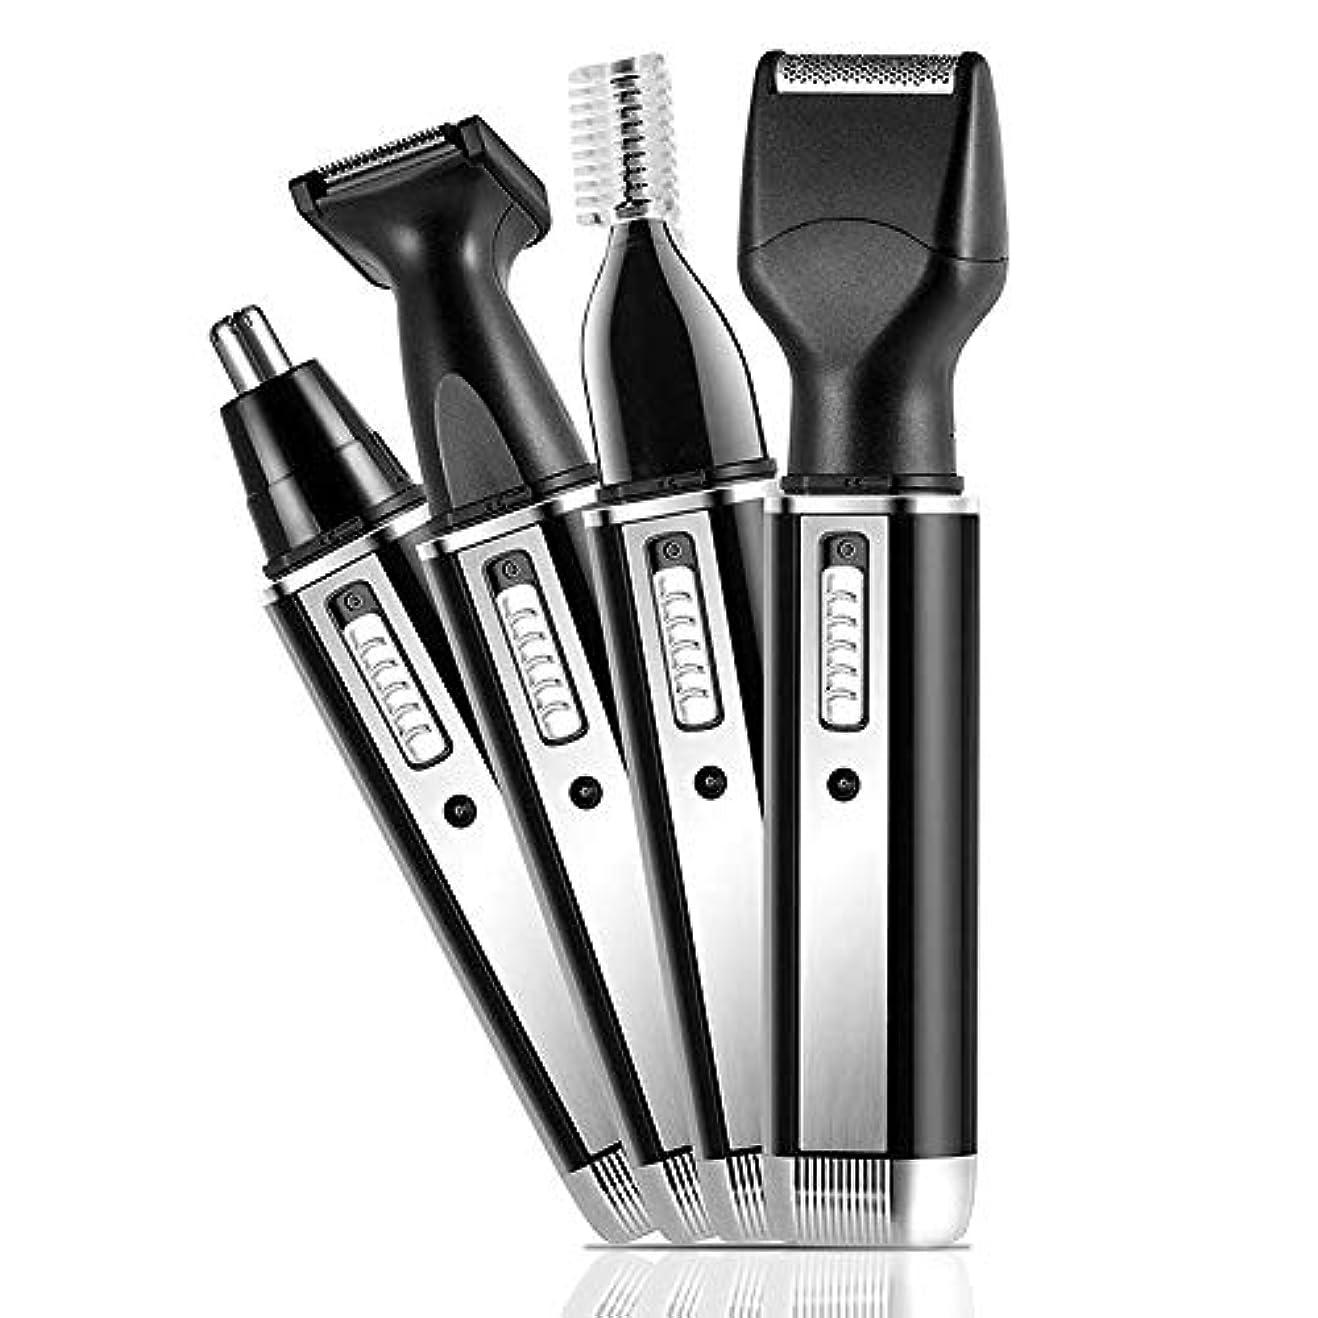 テラス耐久バックアップ鼻毛 耳毛カッター マルチトリマー 多機能性4in1 USB充電式 内刃水洗い